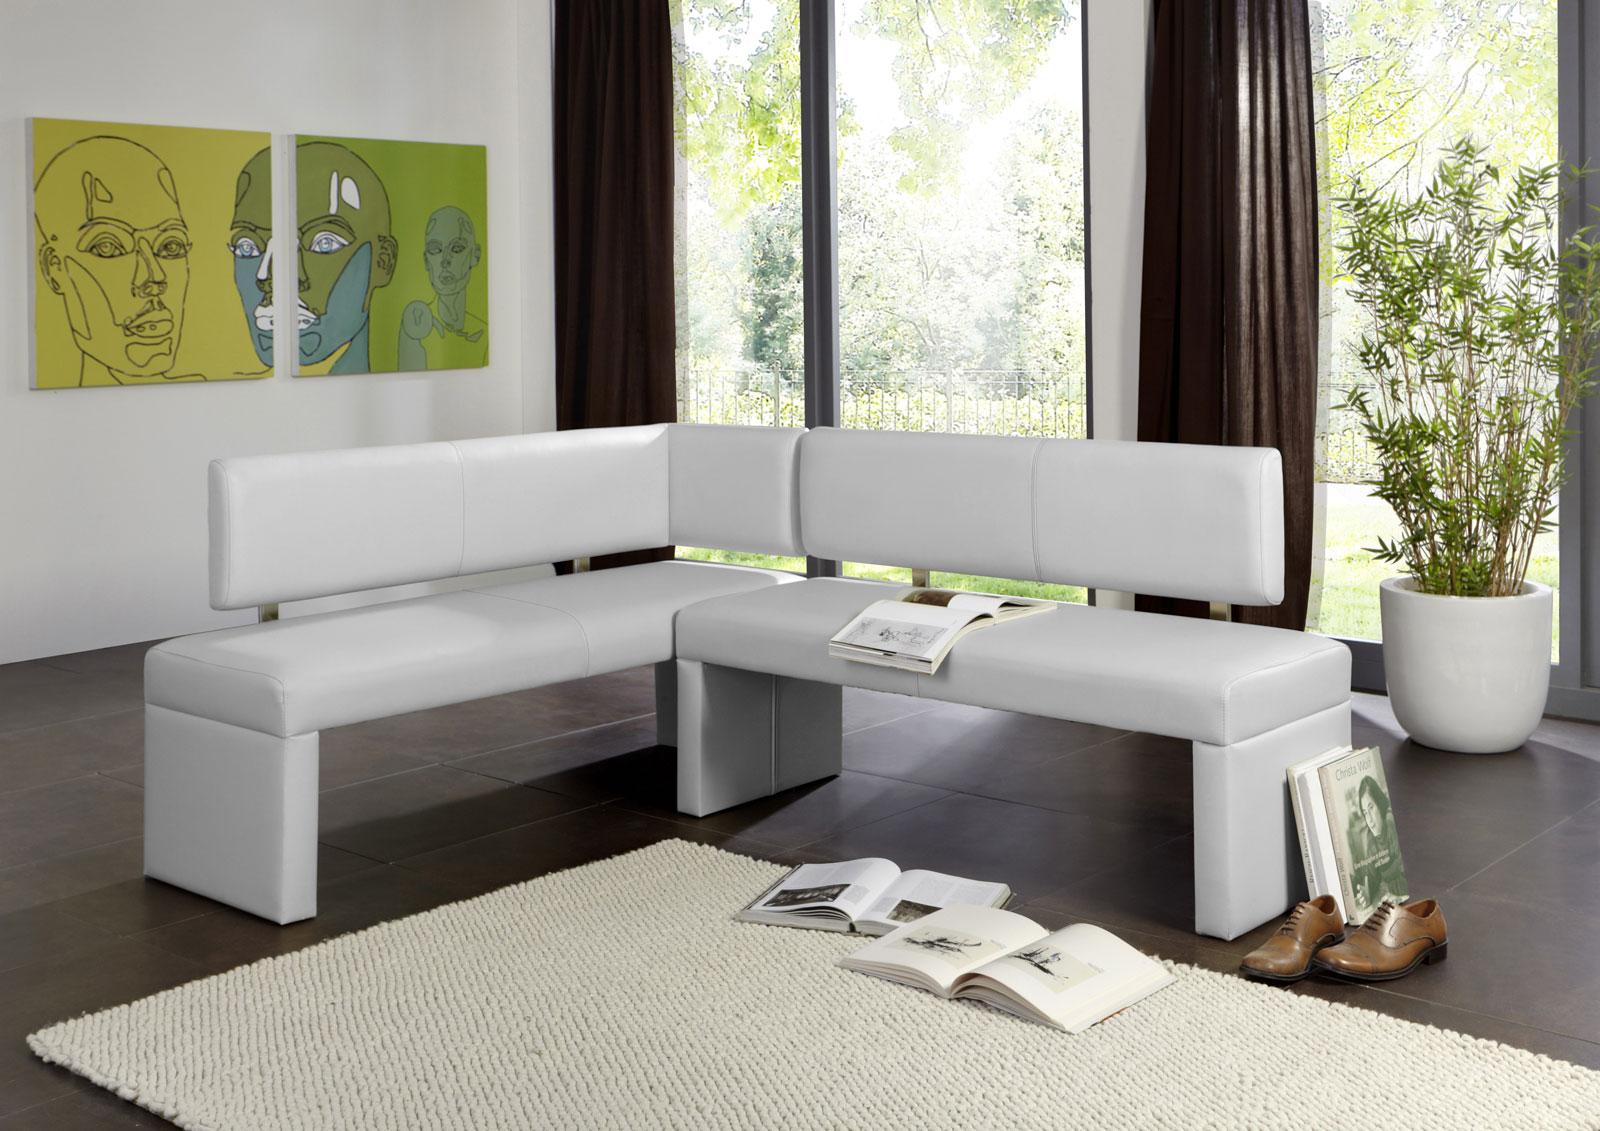 Esszimmer Eckbank Design : SAM® Design Esszimmer Eckbank klein 130 x 180 LENA weiß Auf Lager